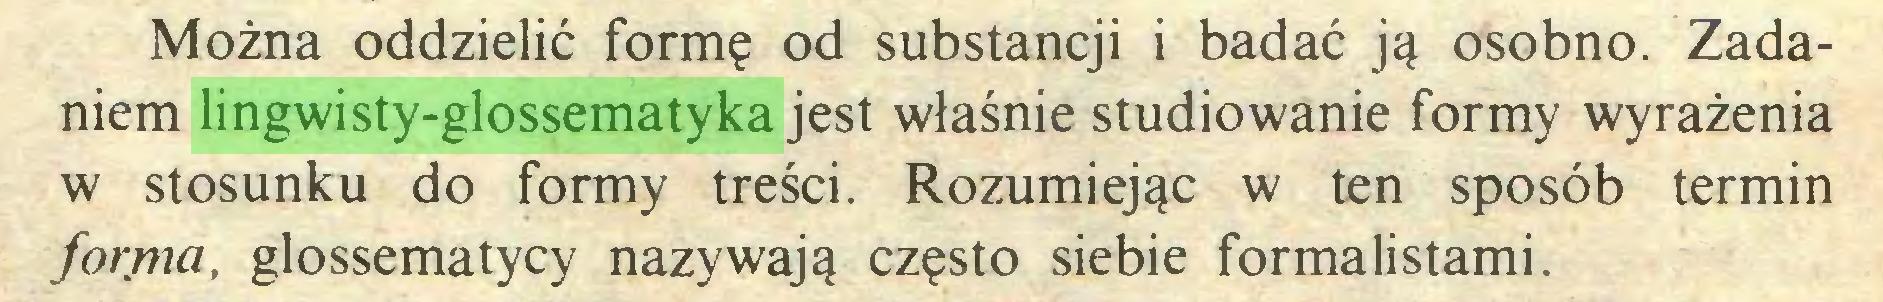 (...) Można oddzielić formę od substancji i badać ją osobno. Zadaniem lingwisty-glossematyka jest właśnie studiowanie formy wyrażenia w stosunku do formy treści. Rozumiejąc w ten sposób termin forma, glossematycy nazywają często siebie formalistami...